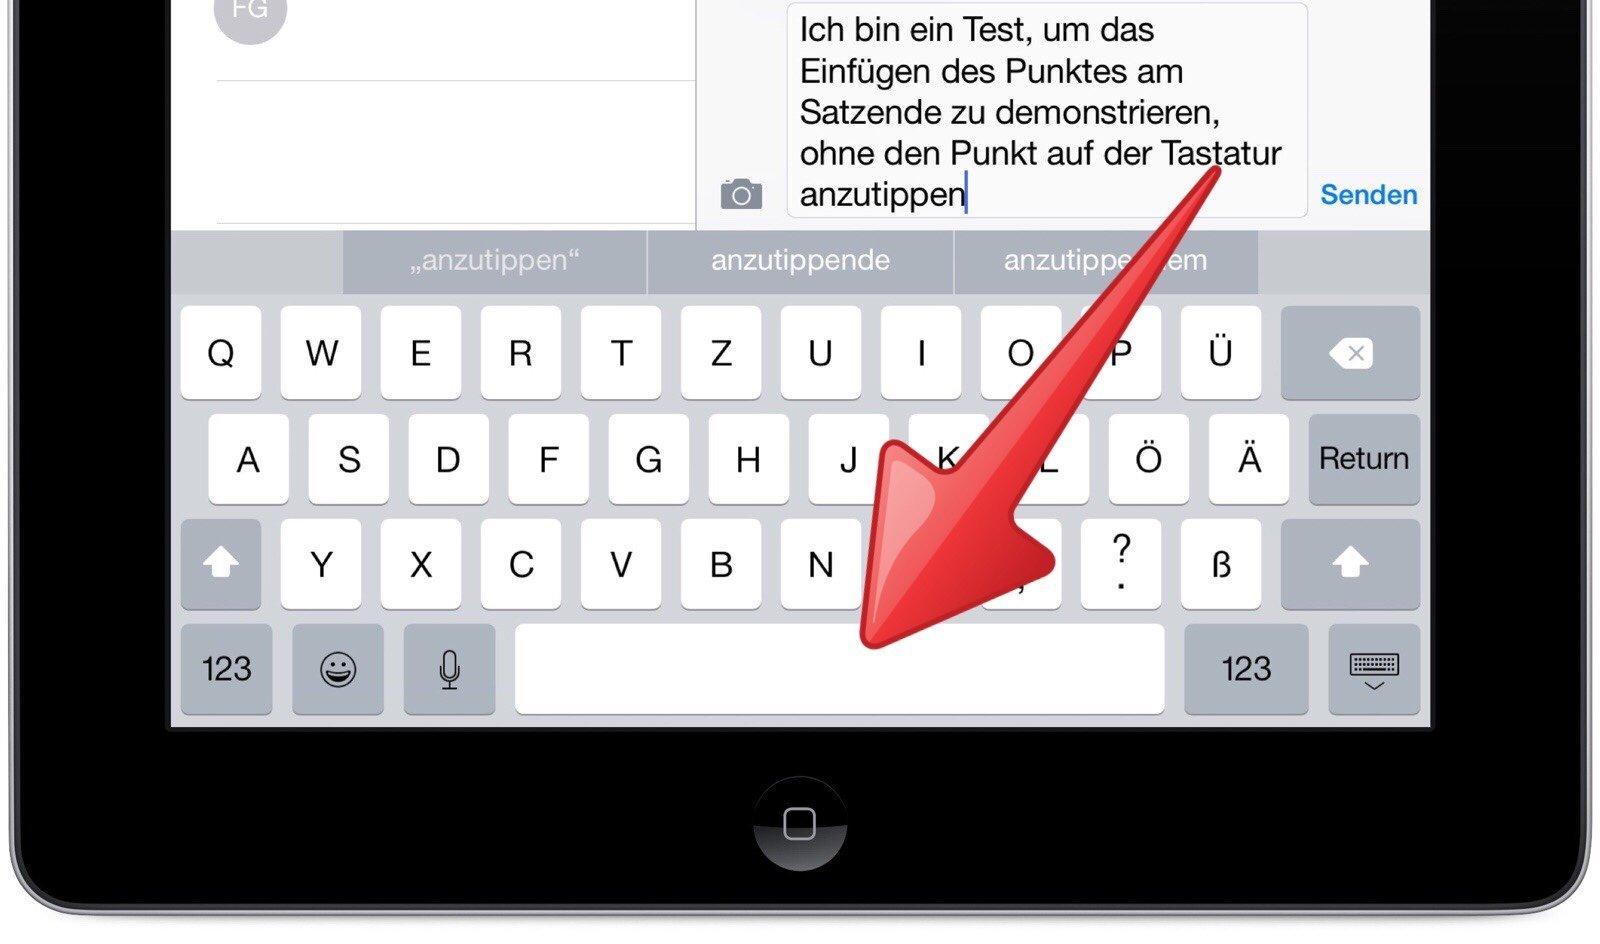 iPad-Tastatur-Satzende-Punkt-einfügen-1.jpg